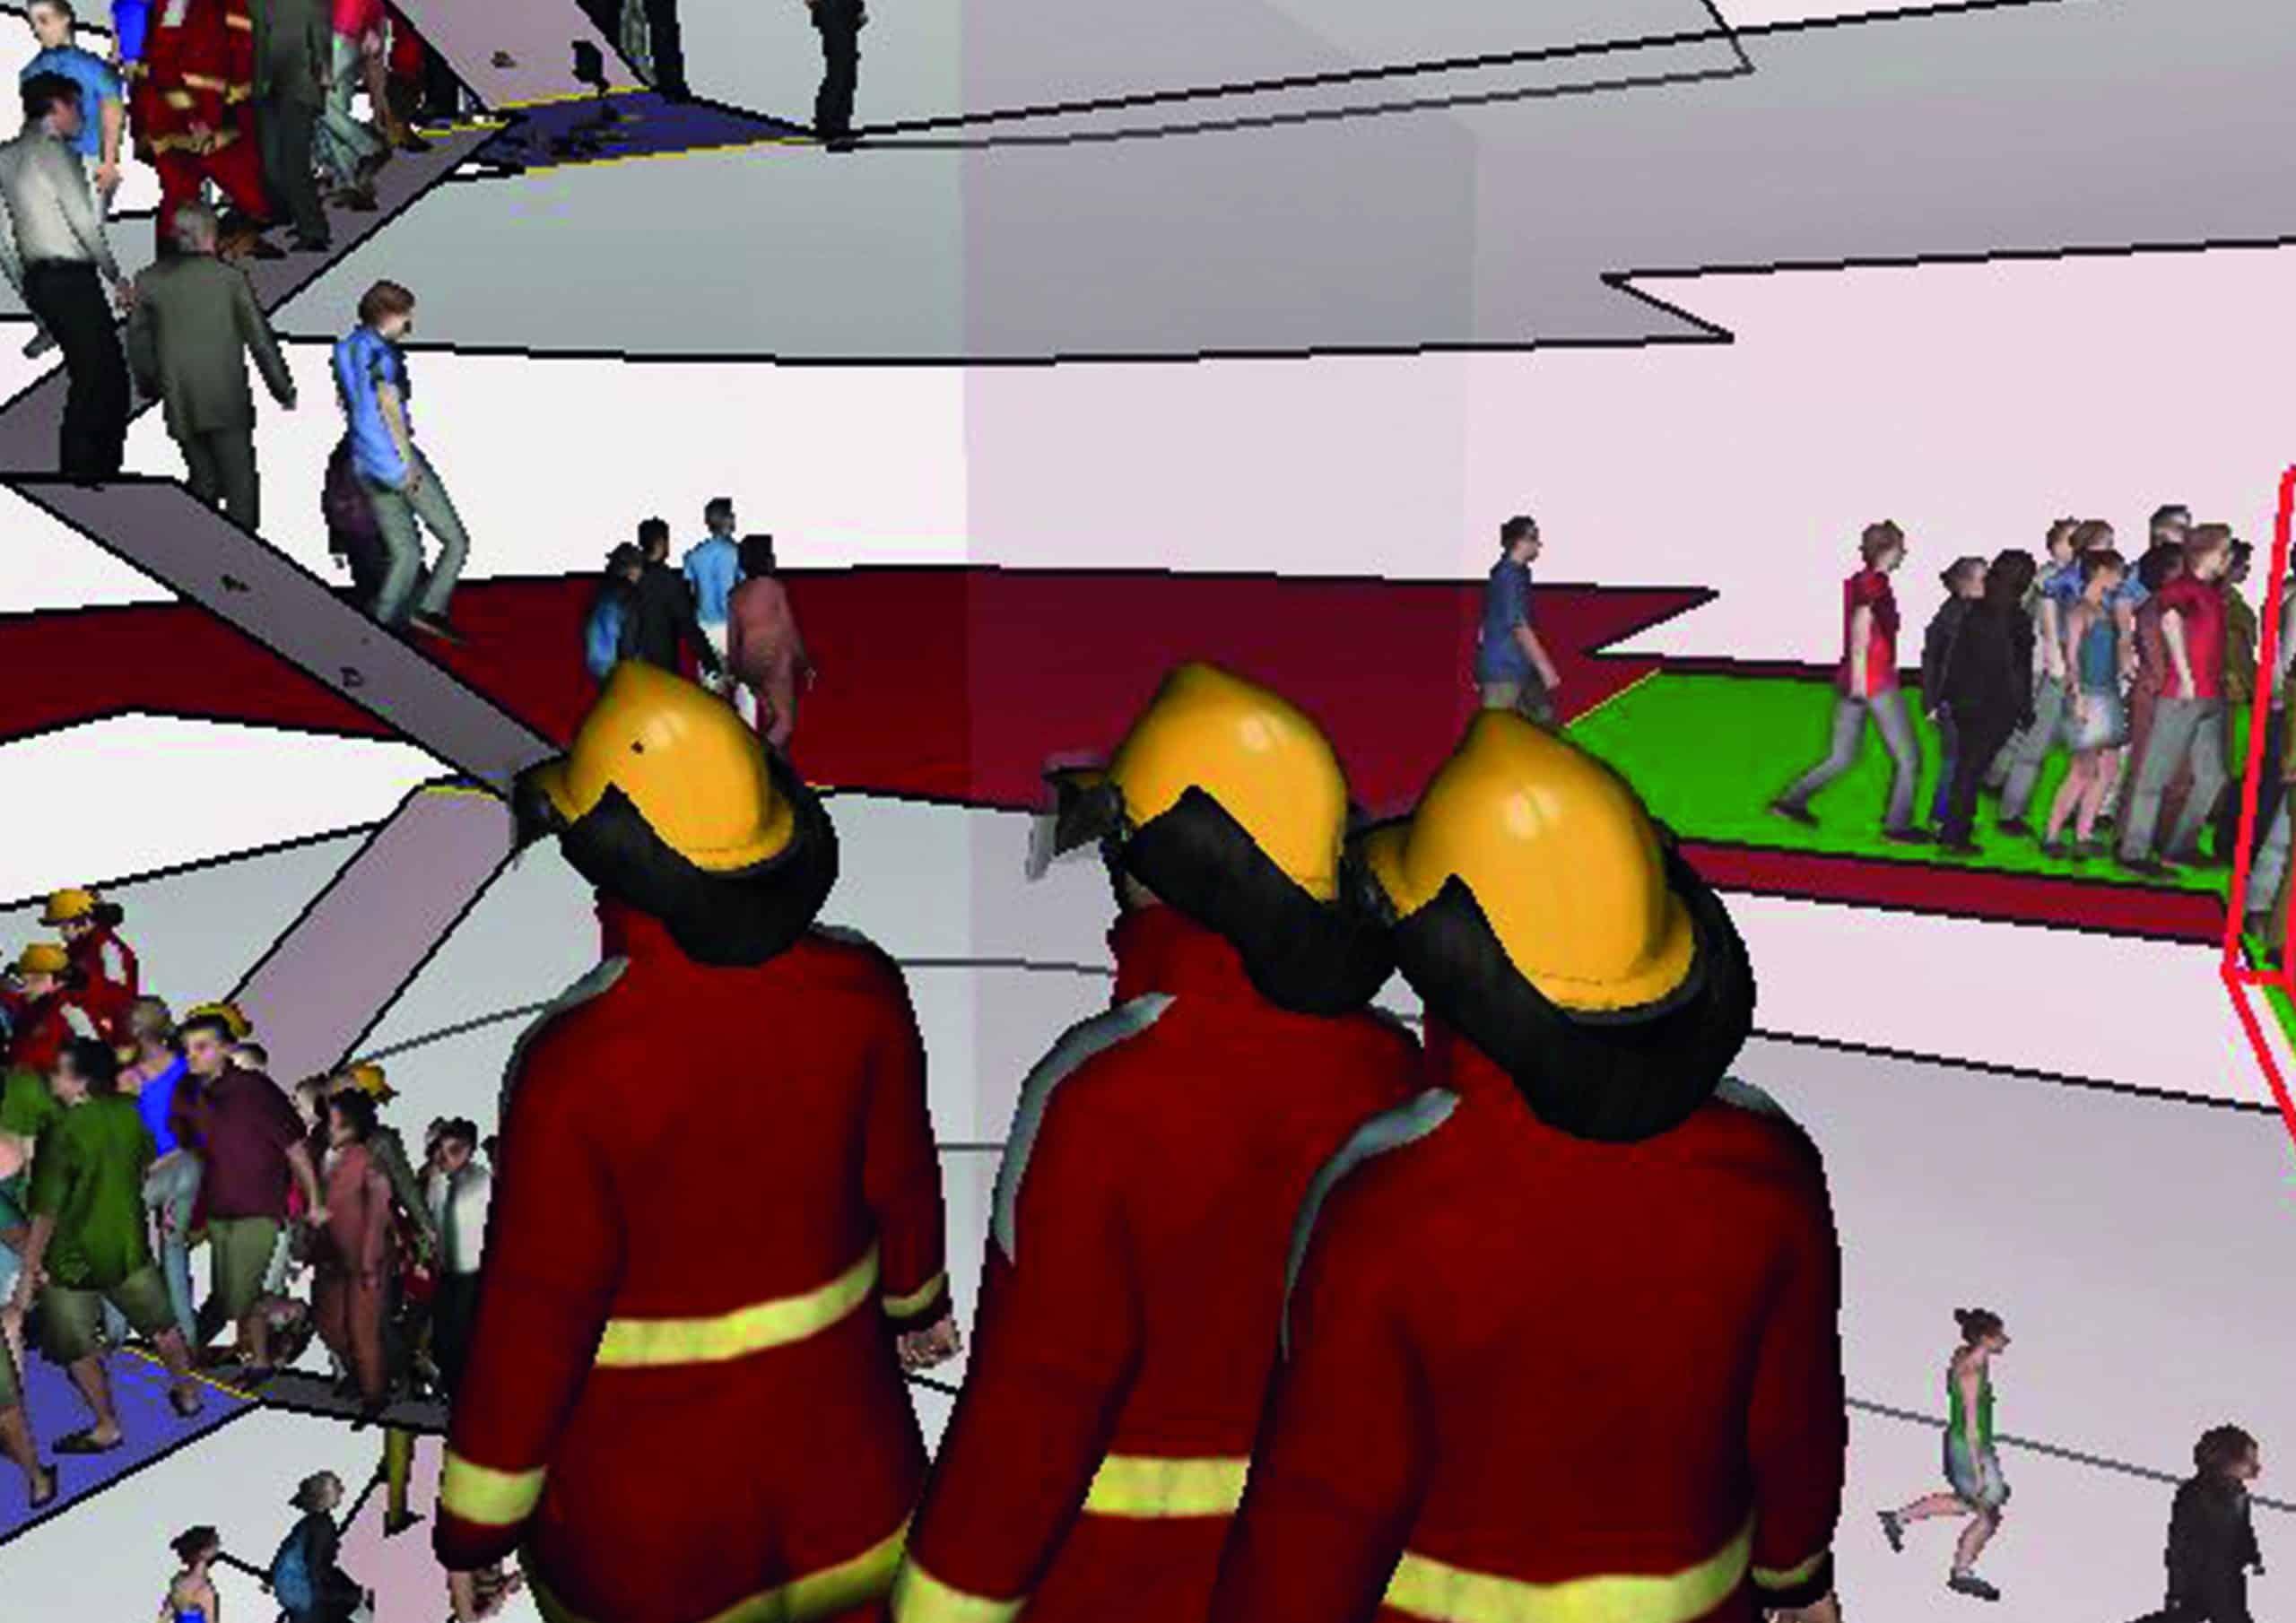 Intervento dei soccorritori dagli ascensori antincendio in attività soggetta